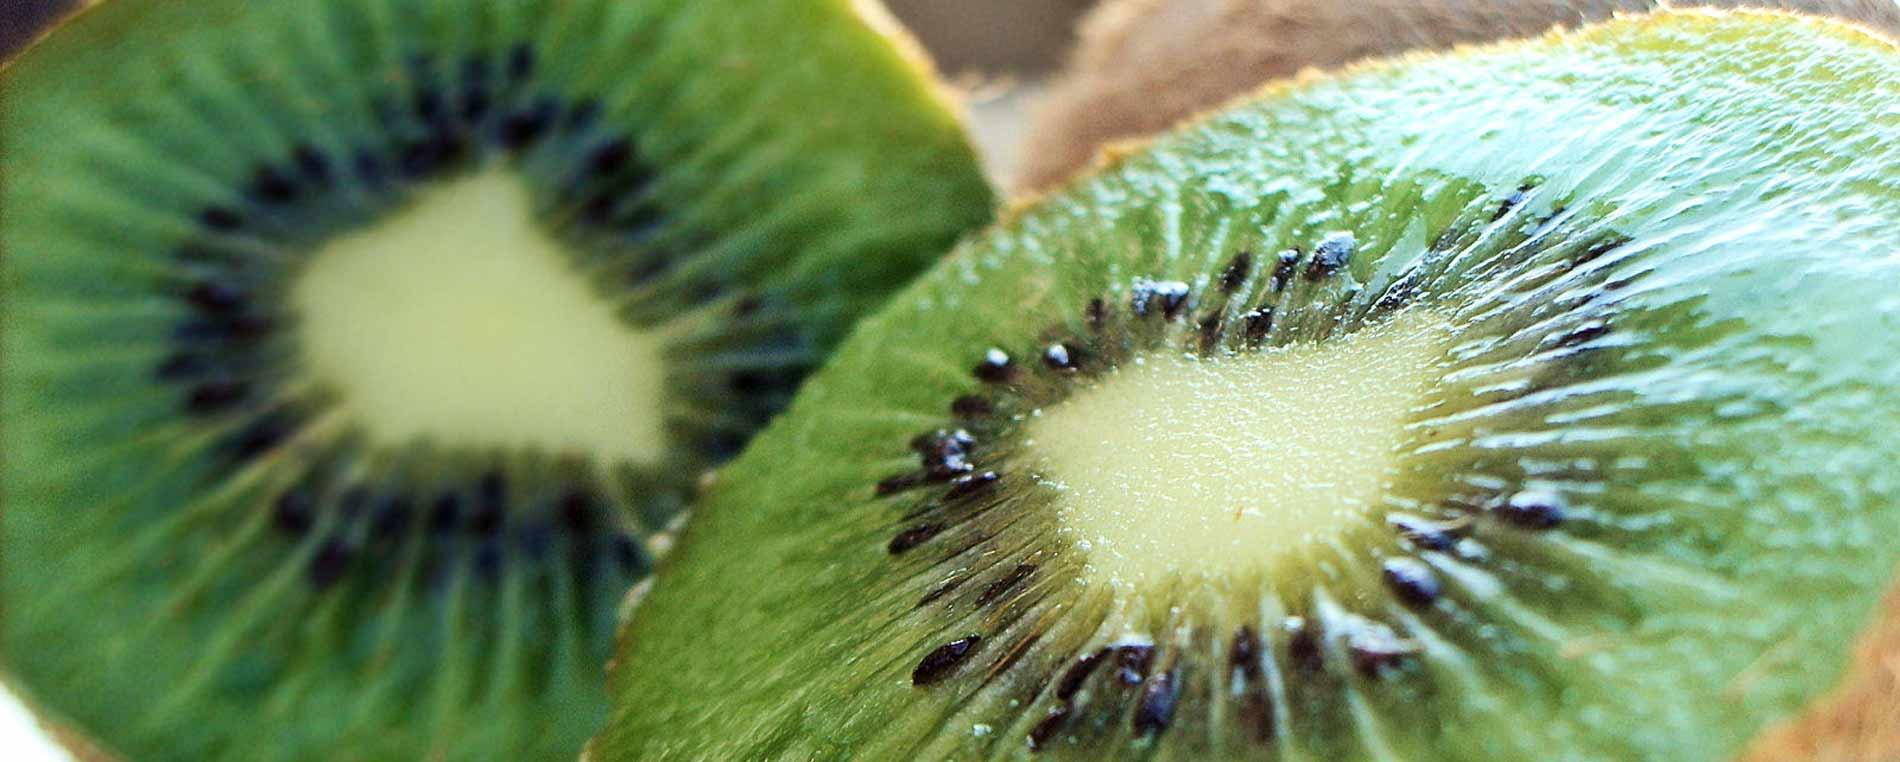 Des kiwis aux qualités gustatives inégalables à Fouesnant